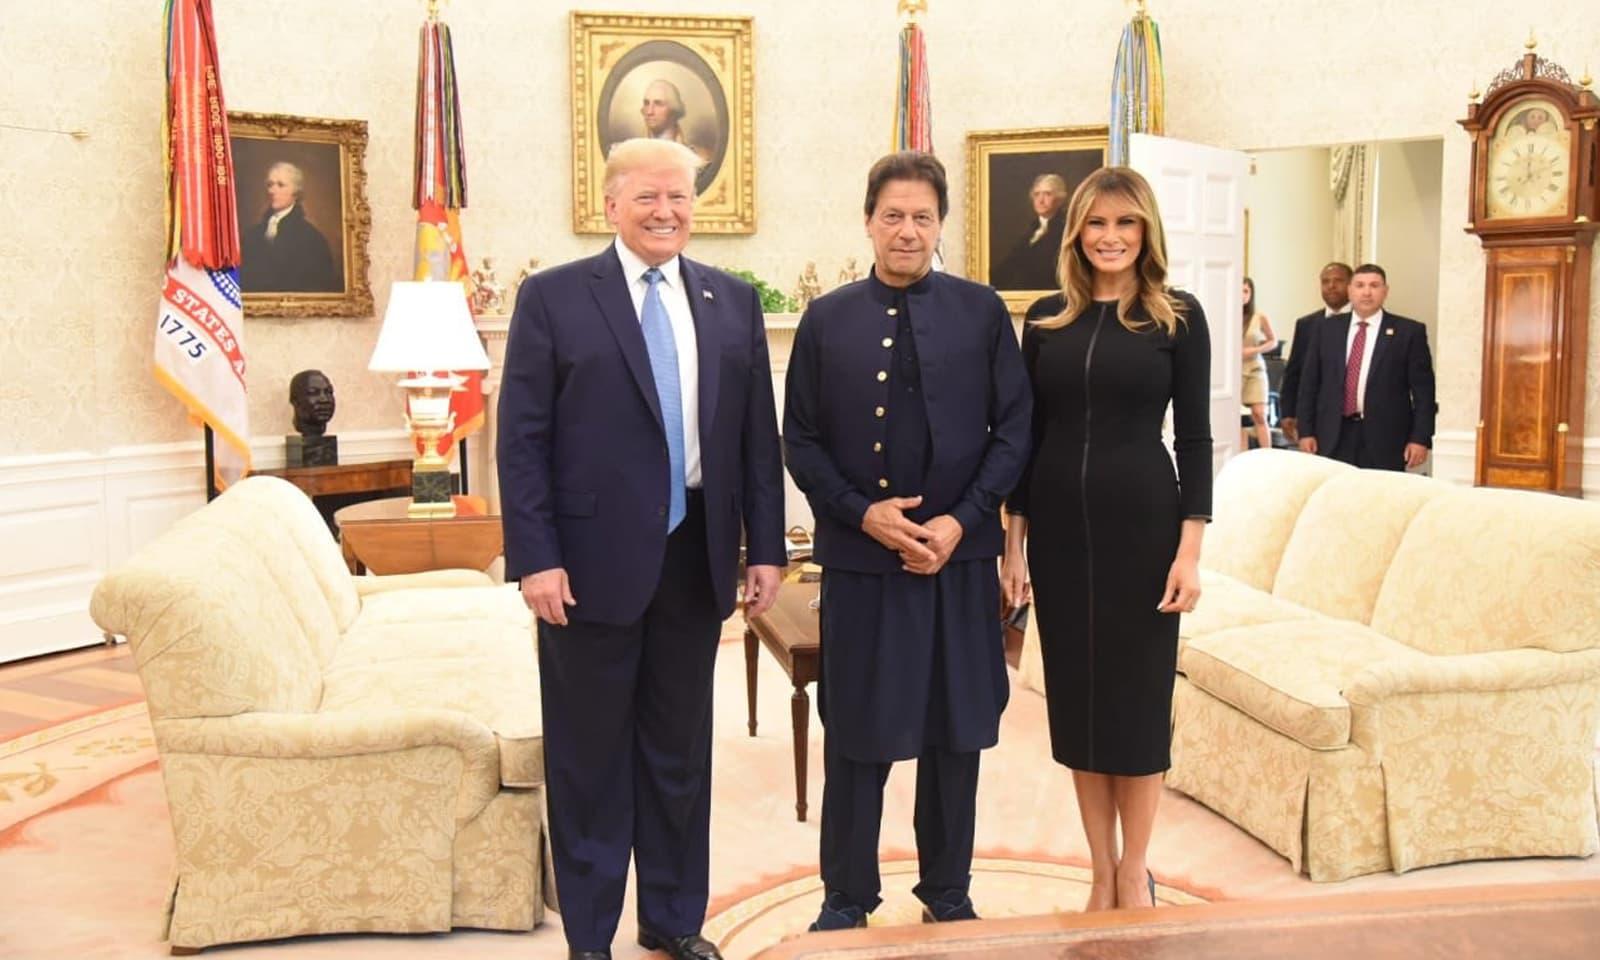 وزیراعظم عمران خان نے ڈونلڈ ٹرمپ کی اہلیہ سےبھی ملاقات کی— فوٹو: بشکریہ ٹوئٹر